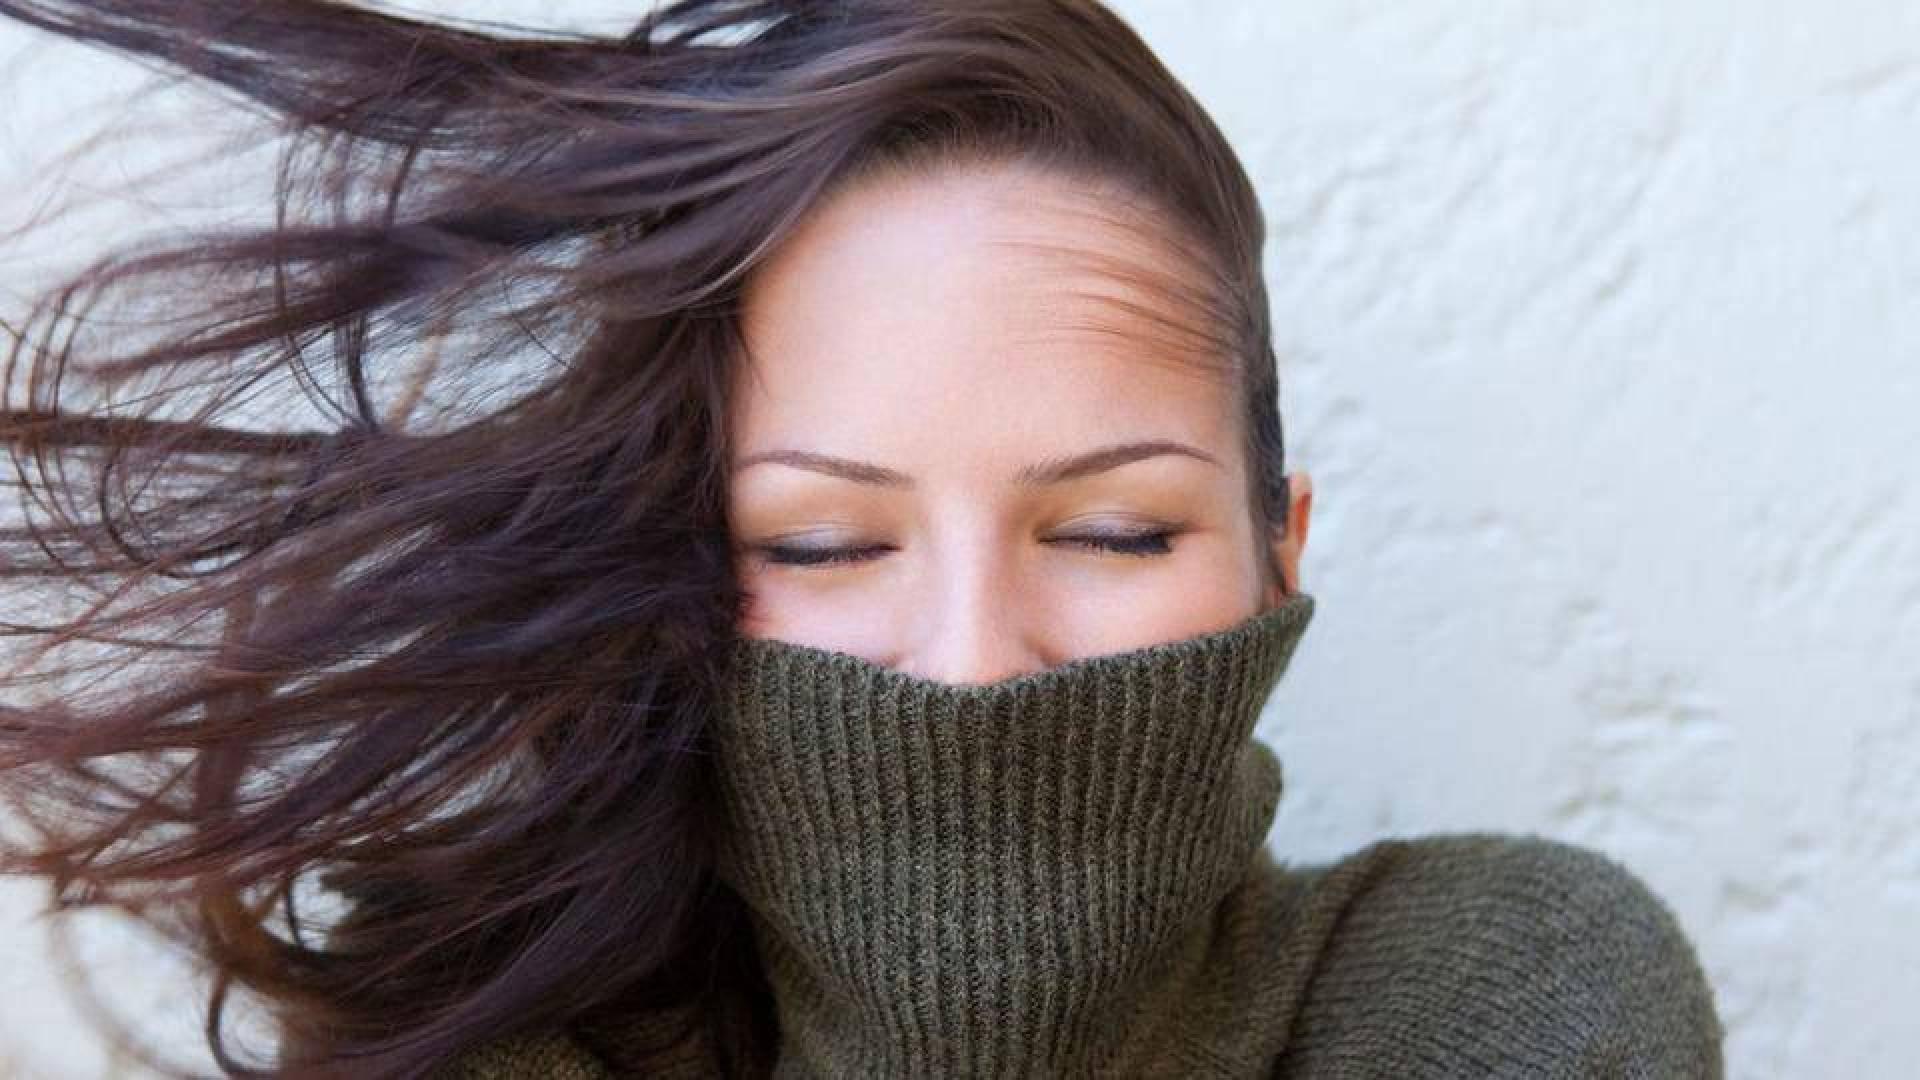 حماية الشعر الشتاء